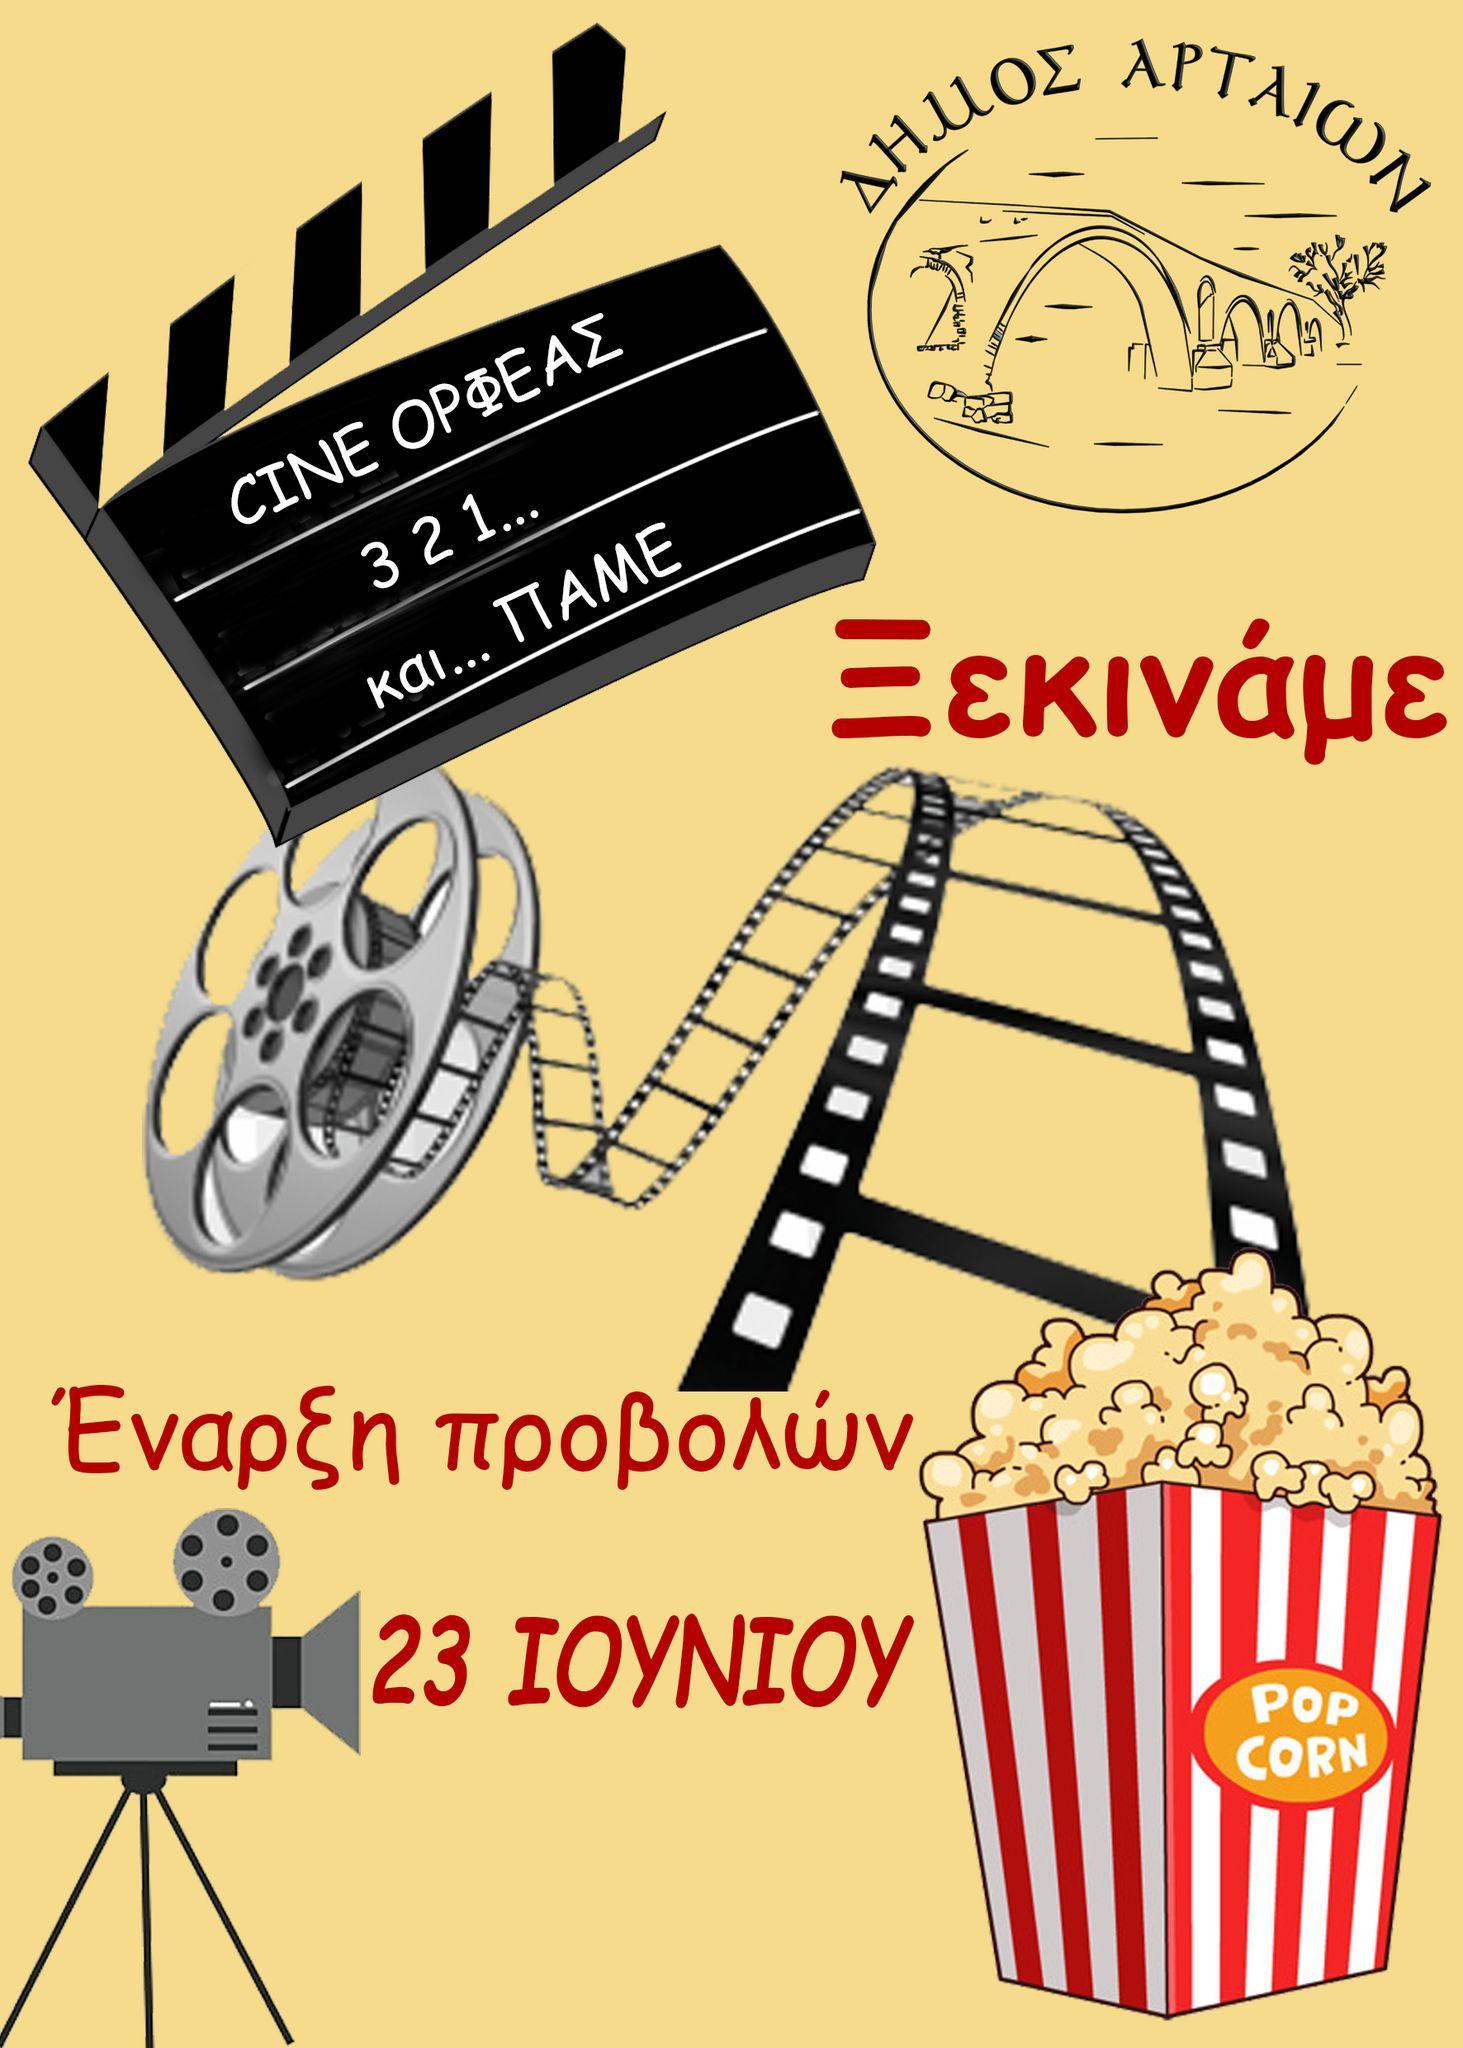 Άρτα:Ξεκινούν οι προβολές στο Δημοτικό Θερινό κινηματογράφο «Ορφέα» από τις 23 Ιουνίου